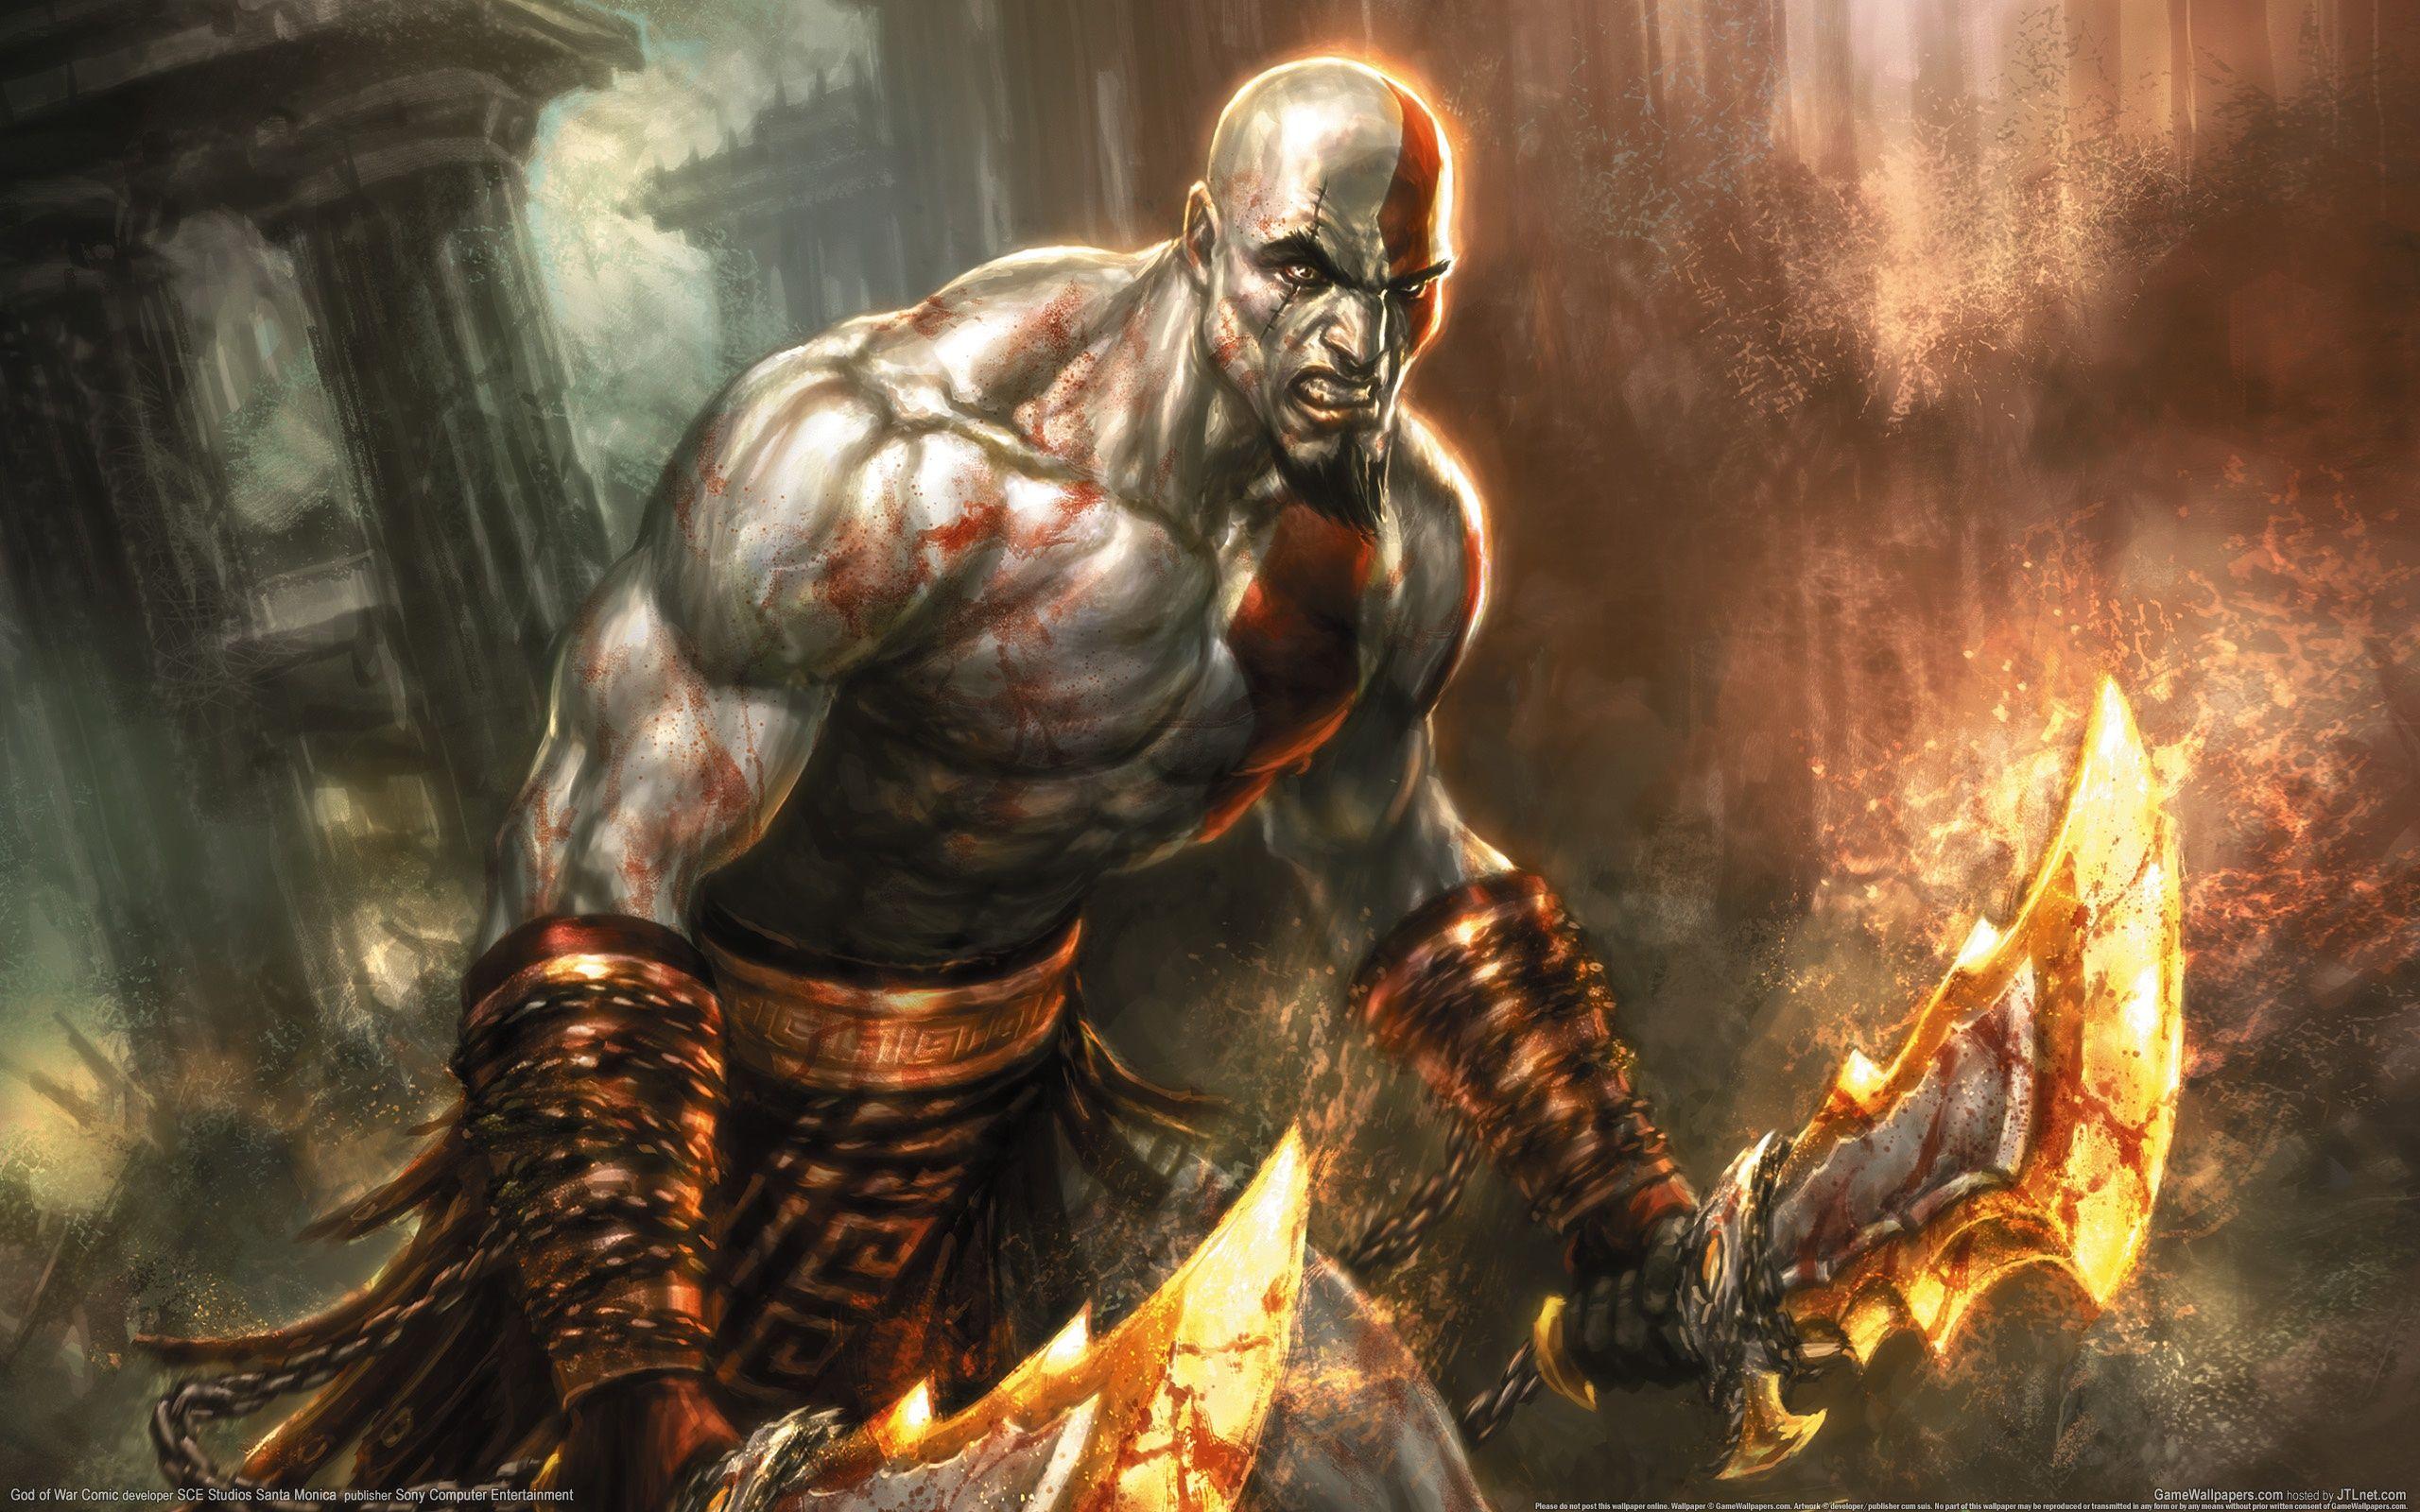 Video Game God Of War Wallpaper In 2020 Kratos God Of War God Of War War